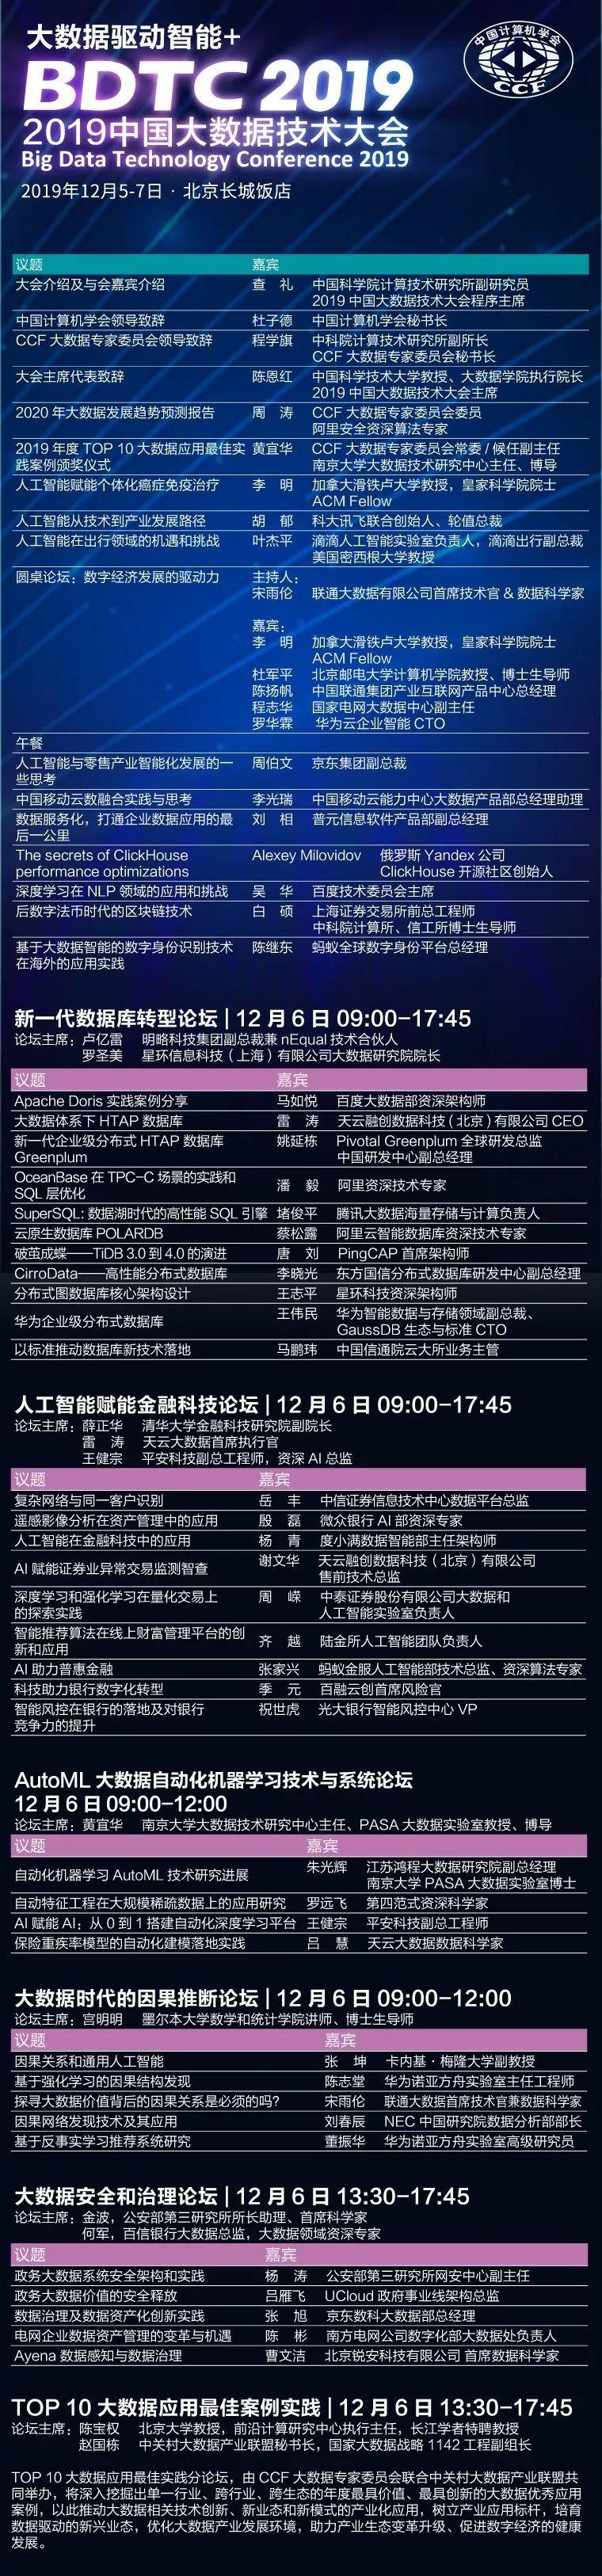 倒计时1天|2019中国大数据技术大会(BDTC)报名通道即将关闭(附参会提醒)